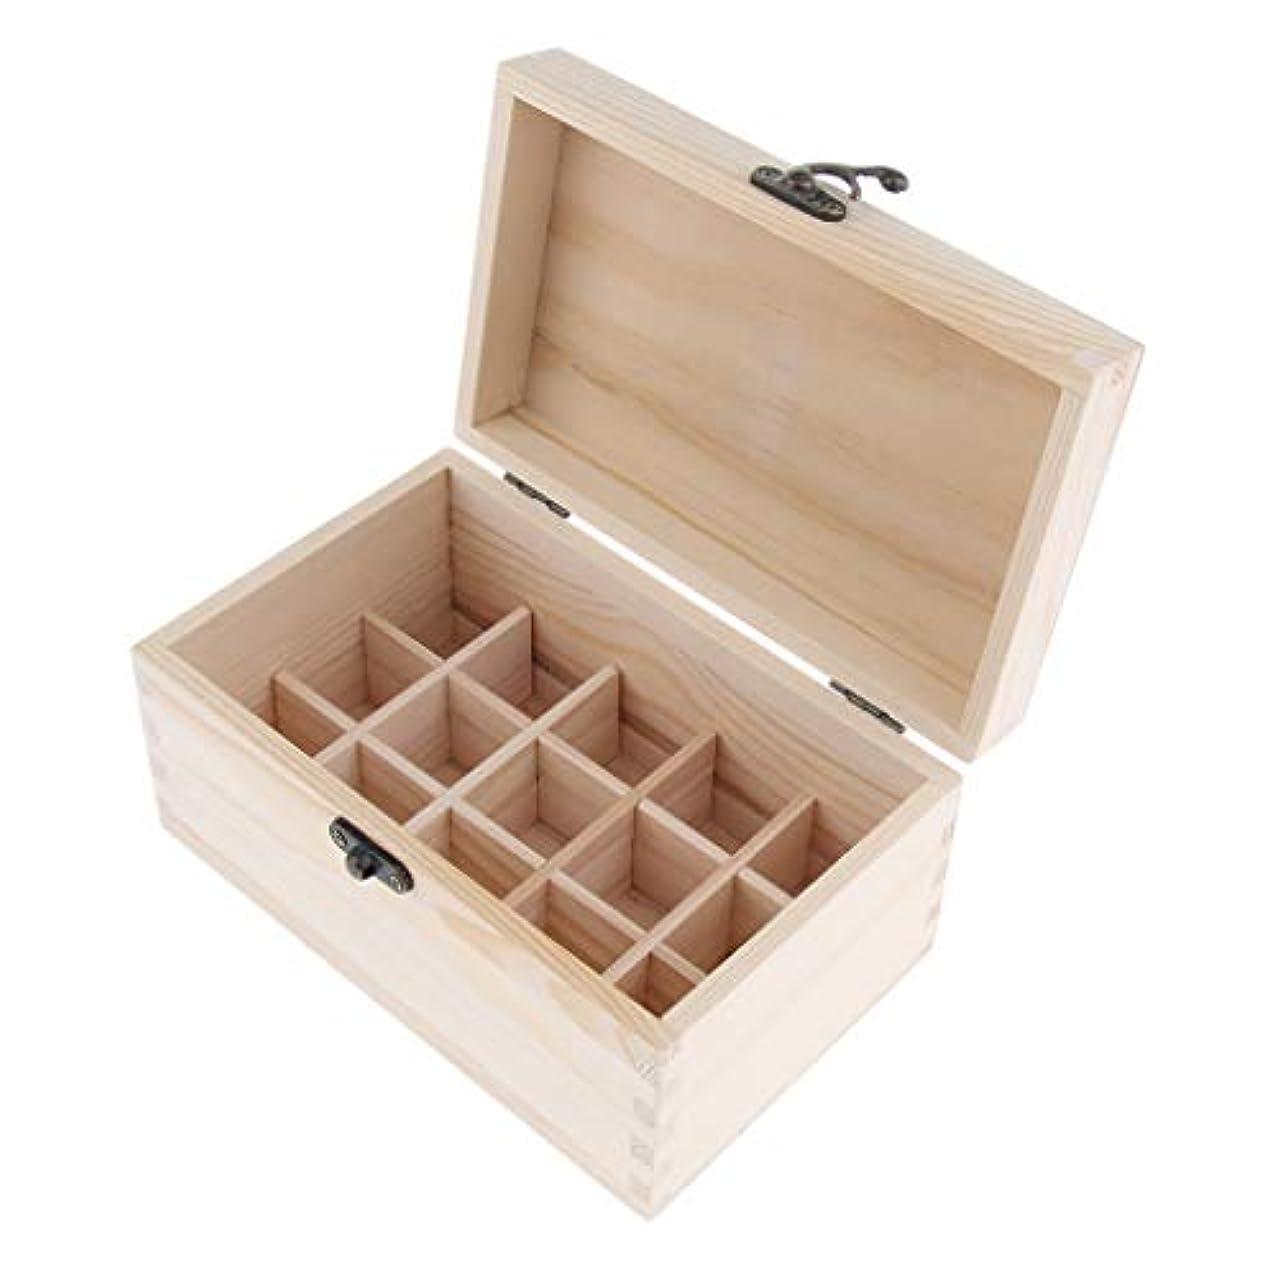 一流広告するボンド精油ケース 化粧品収納ボックス 15仕切り 木製 エッセンシャルオイル コンパクト 携帯便利 実用性